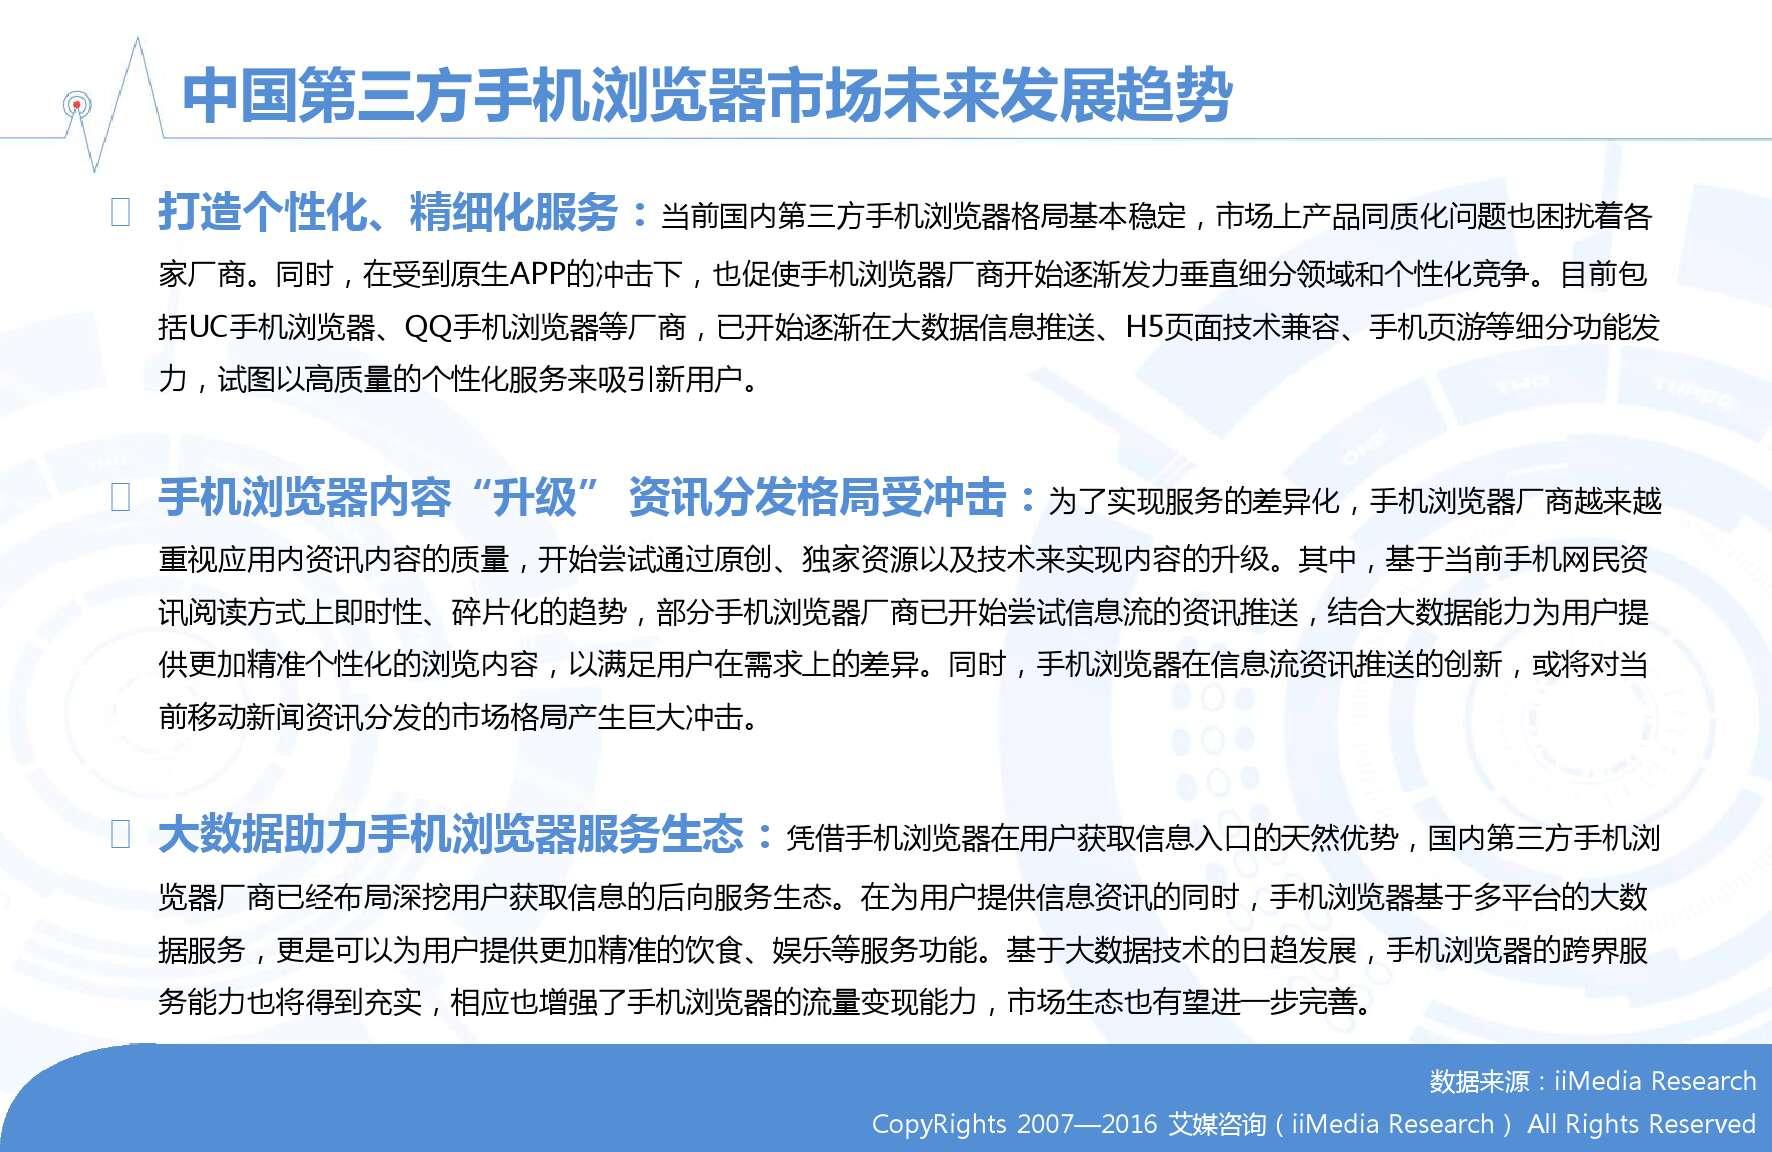 艾媒咨询:2015-2016年中国手机浏览器市场研究报告_000031